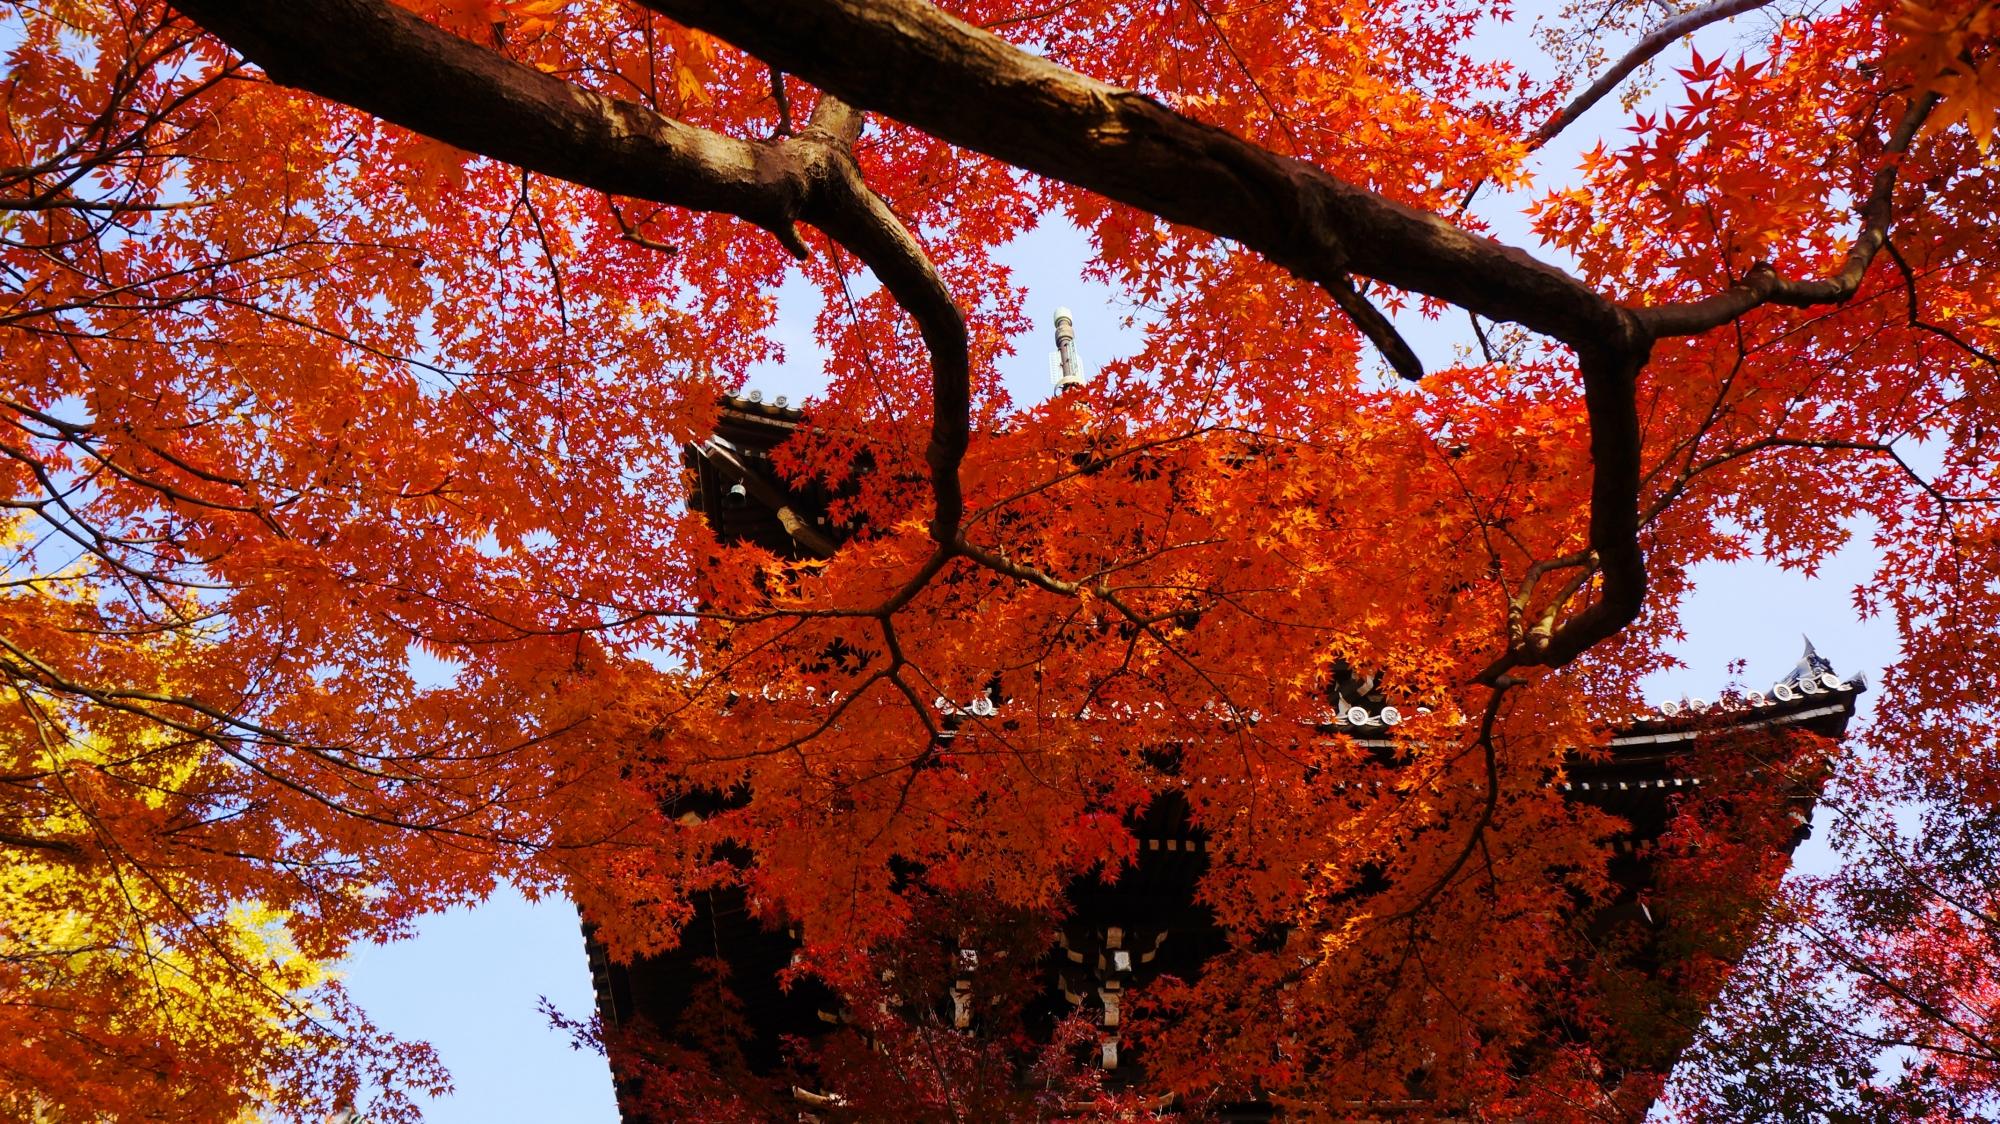 優雅に枝を伸ばして三重塔を華やぐ紅葉